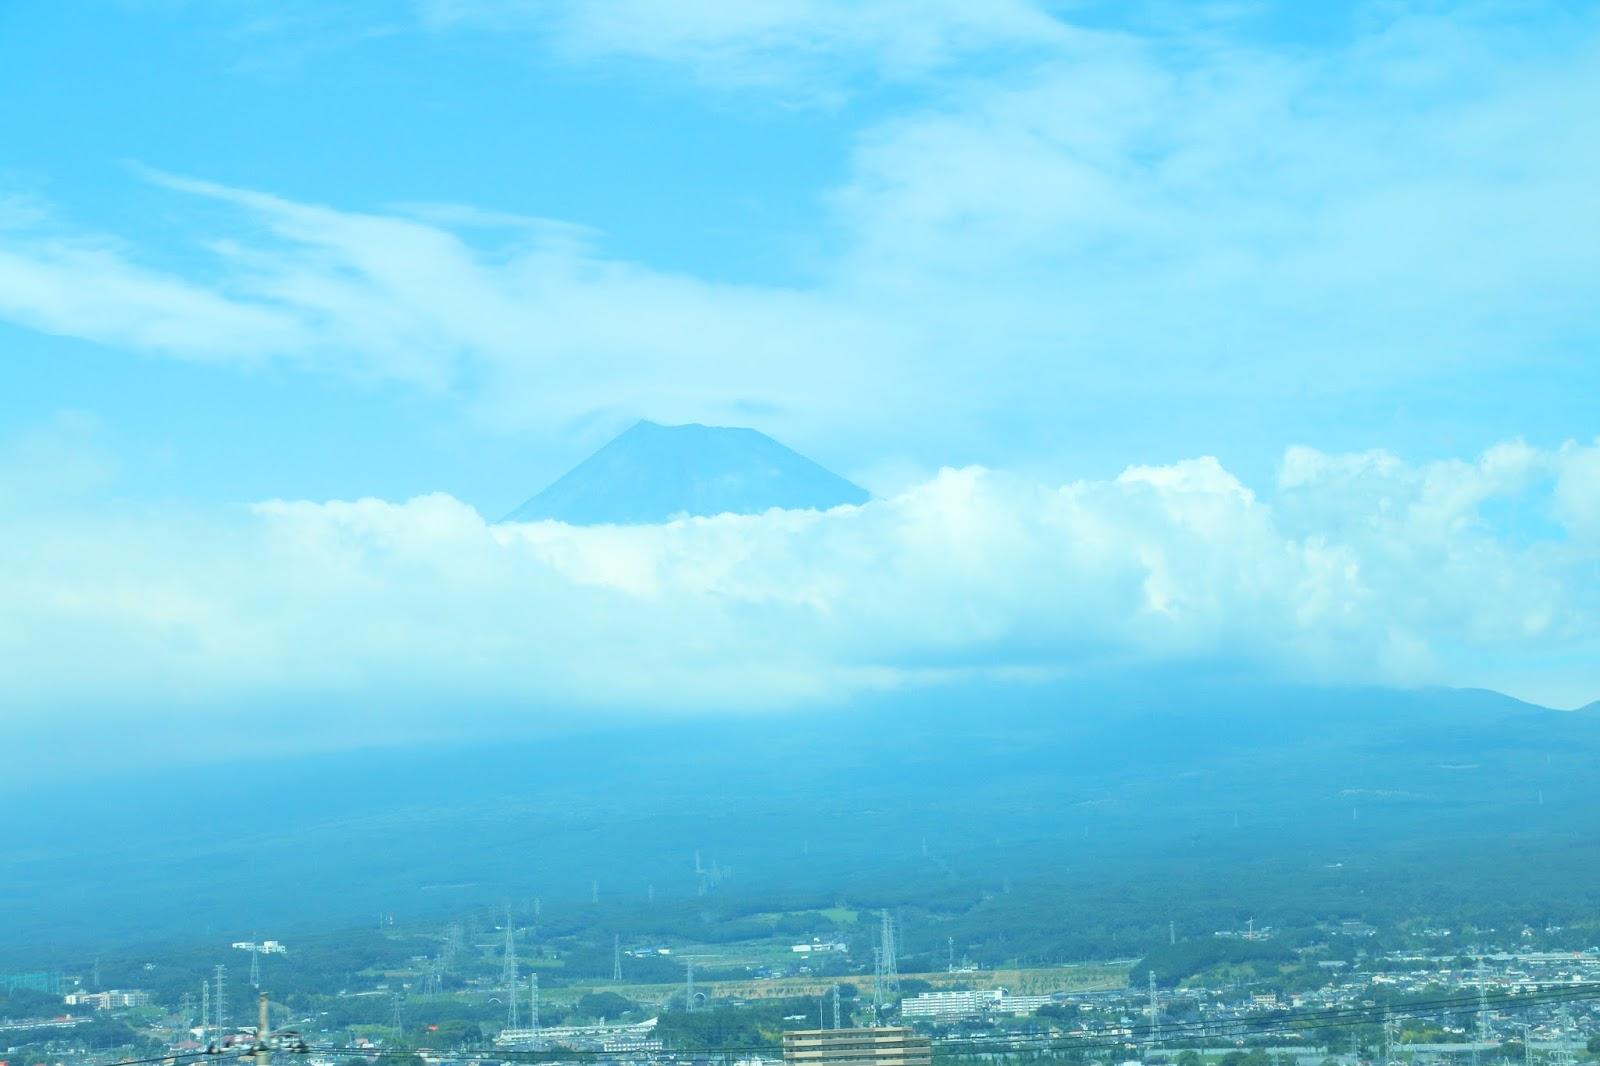 Travel Mount Fuji, Japan